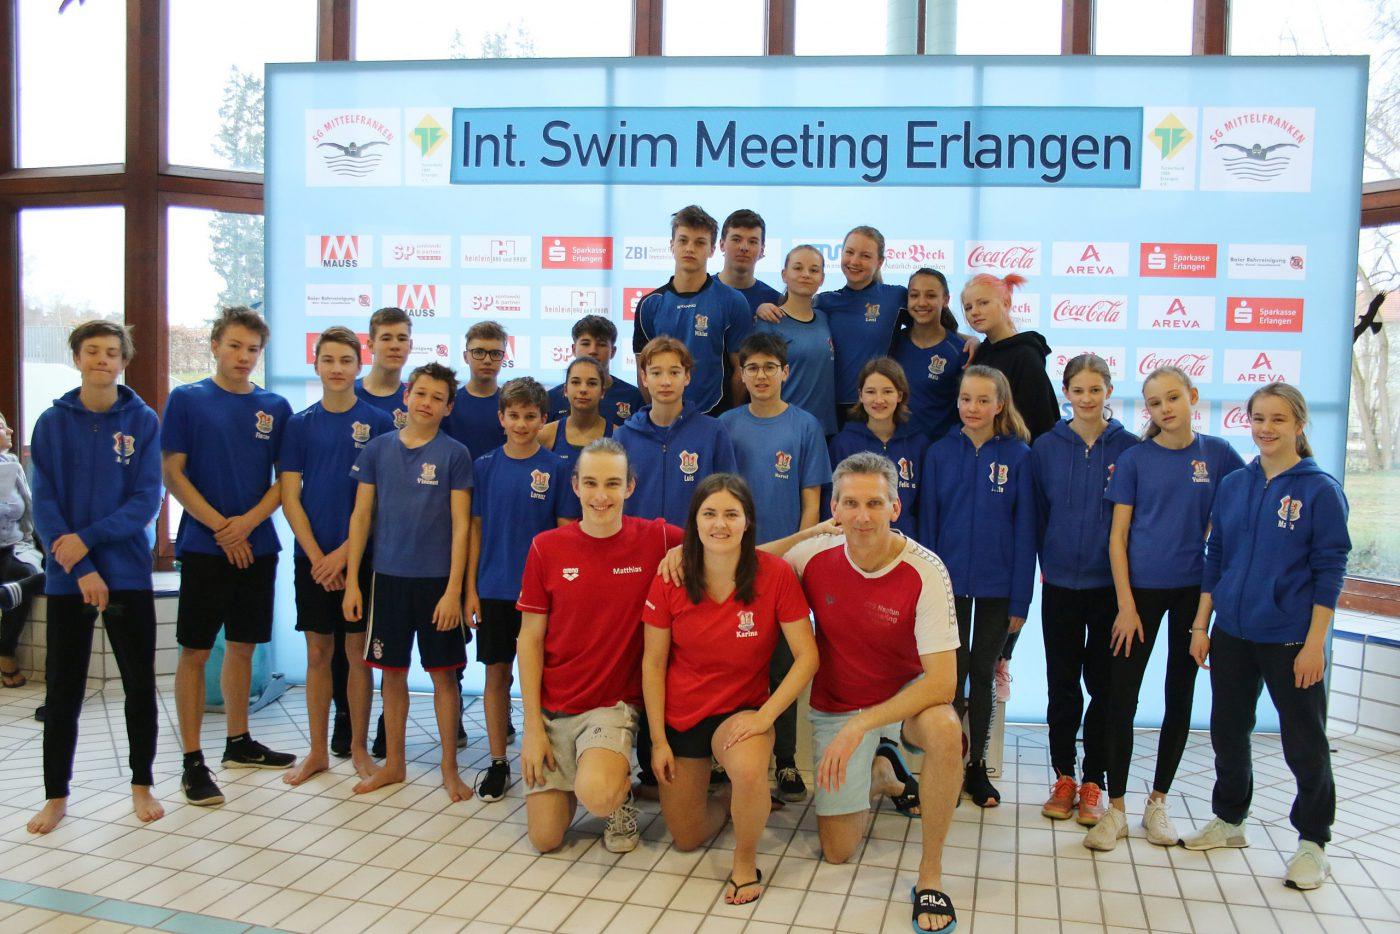 Swim Meeting Erlangen